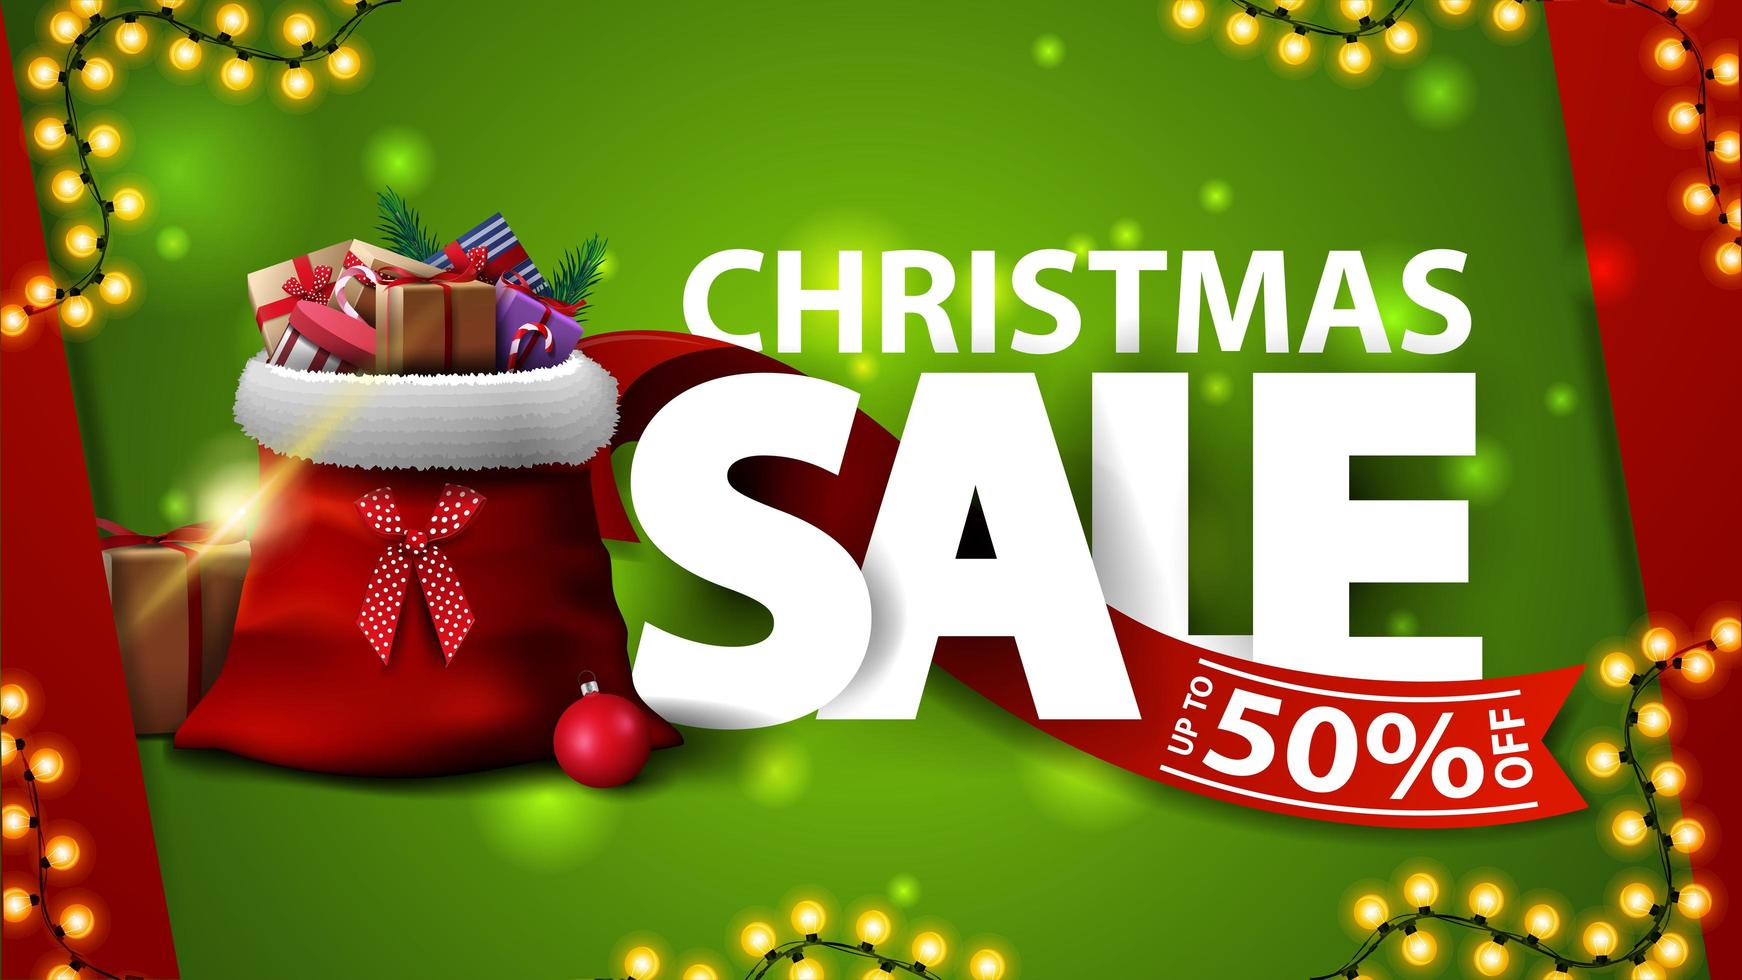 julförsäljning, upp till 50 rabatt, grön rabattbanner med stora bokstäver, krans, rött band och jultomtepåse med presenter vektor